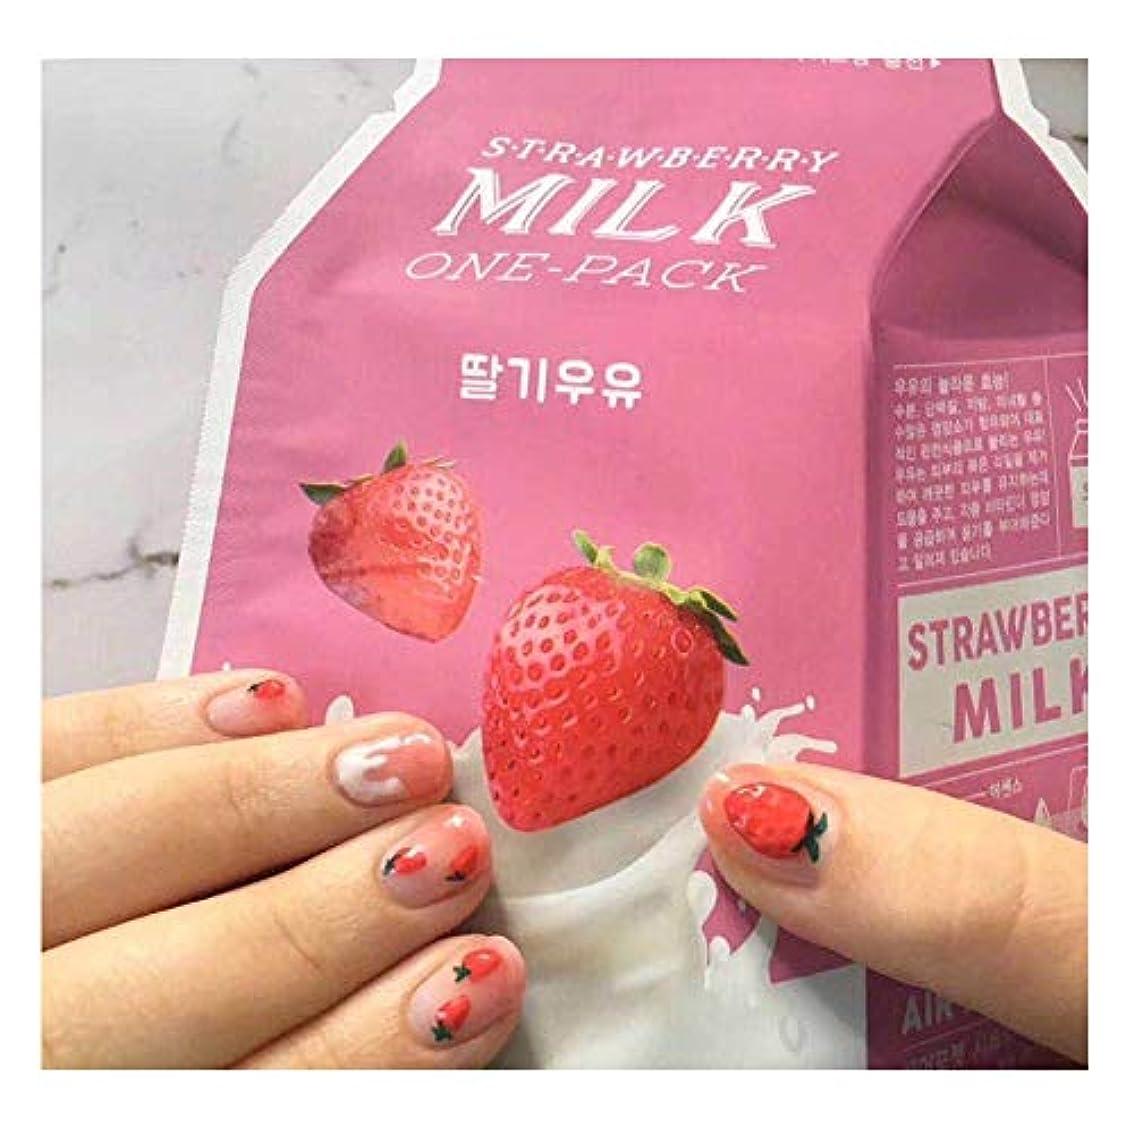 に沿って恥コンピューターLVUITTON 透明ピンクのイチゴの偽の爪の短い正方形のネイルグルー仕上げネイルアート偽の釘 (色 : 24 pieces)